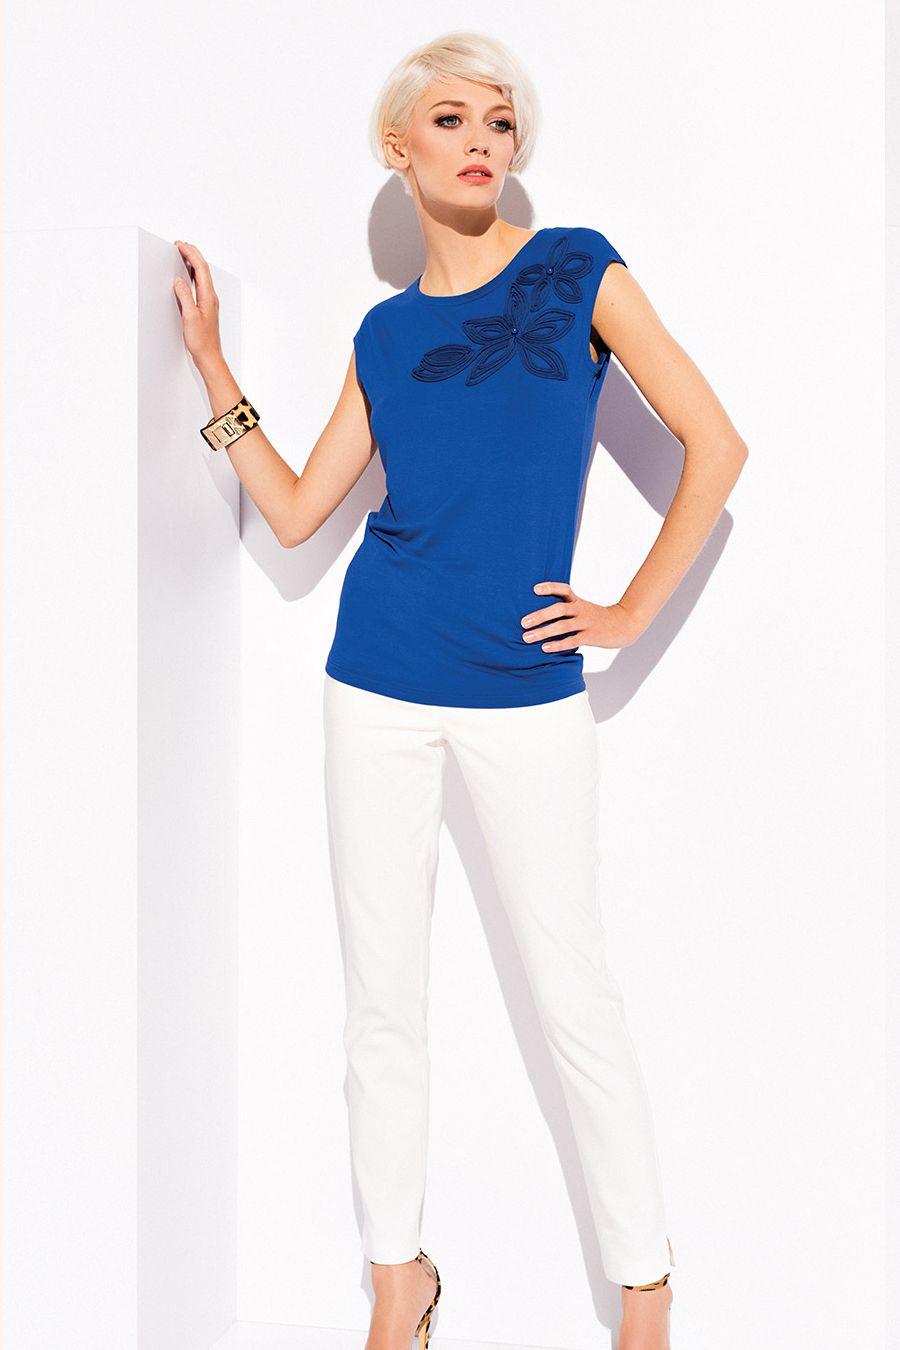 65e23281a87 БЛУЗКА ASPEN Изящная женская блузкаASPEN. Модель выполнена в прямом фасоне